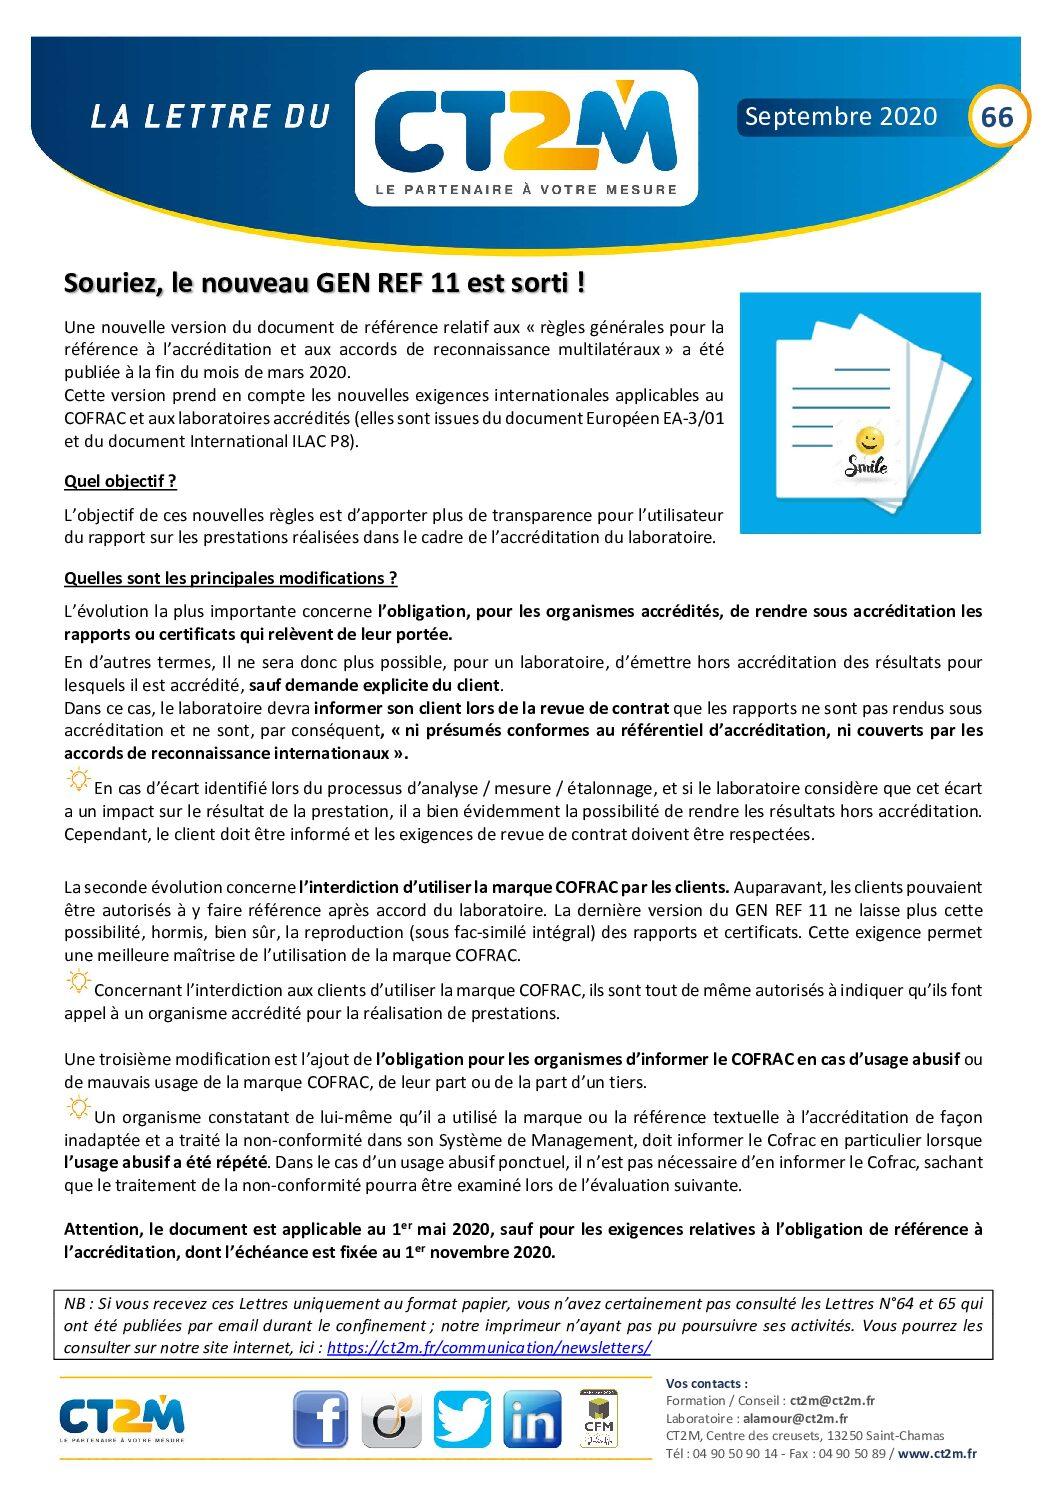 Lettre N°66 : les évolutions du GEN REF 11, nos nouvelles formations